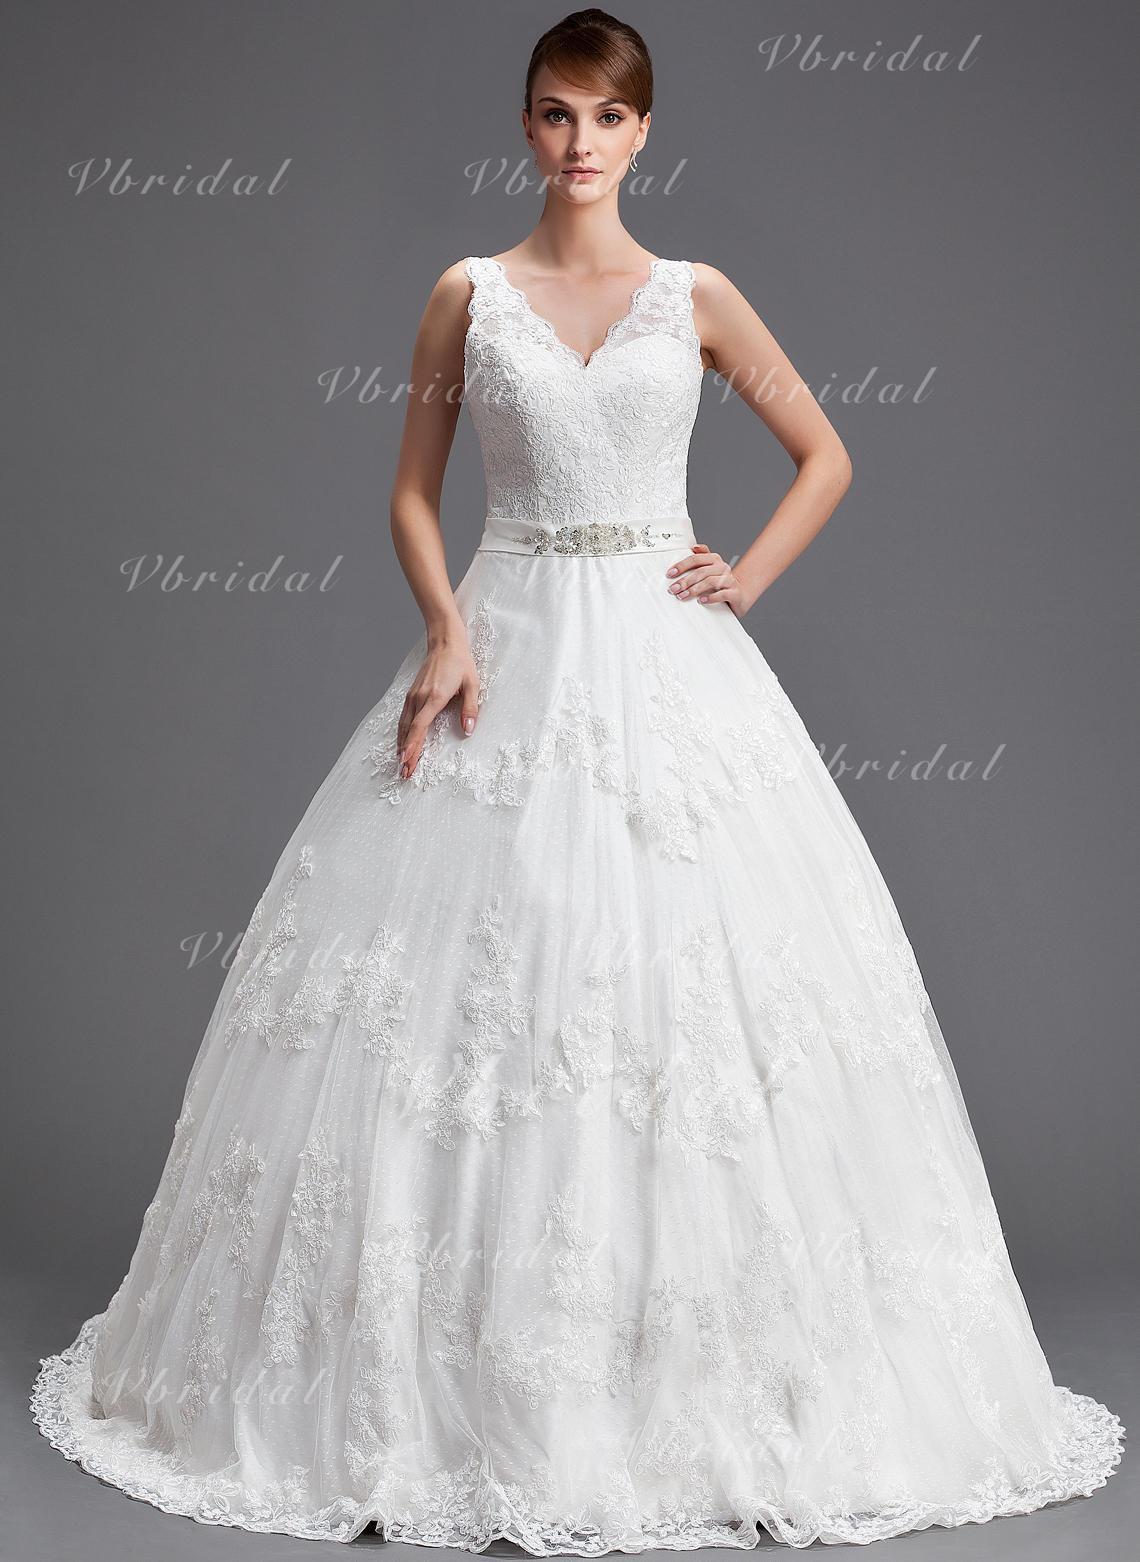 7a7b46c0c138 Balklänning V-ringning Chapel släp Tyll Bröllopsklänning med Pärlbrodering  Applikationer Spetsar Paljetter (002004754)